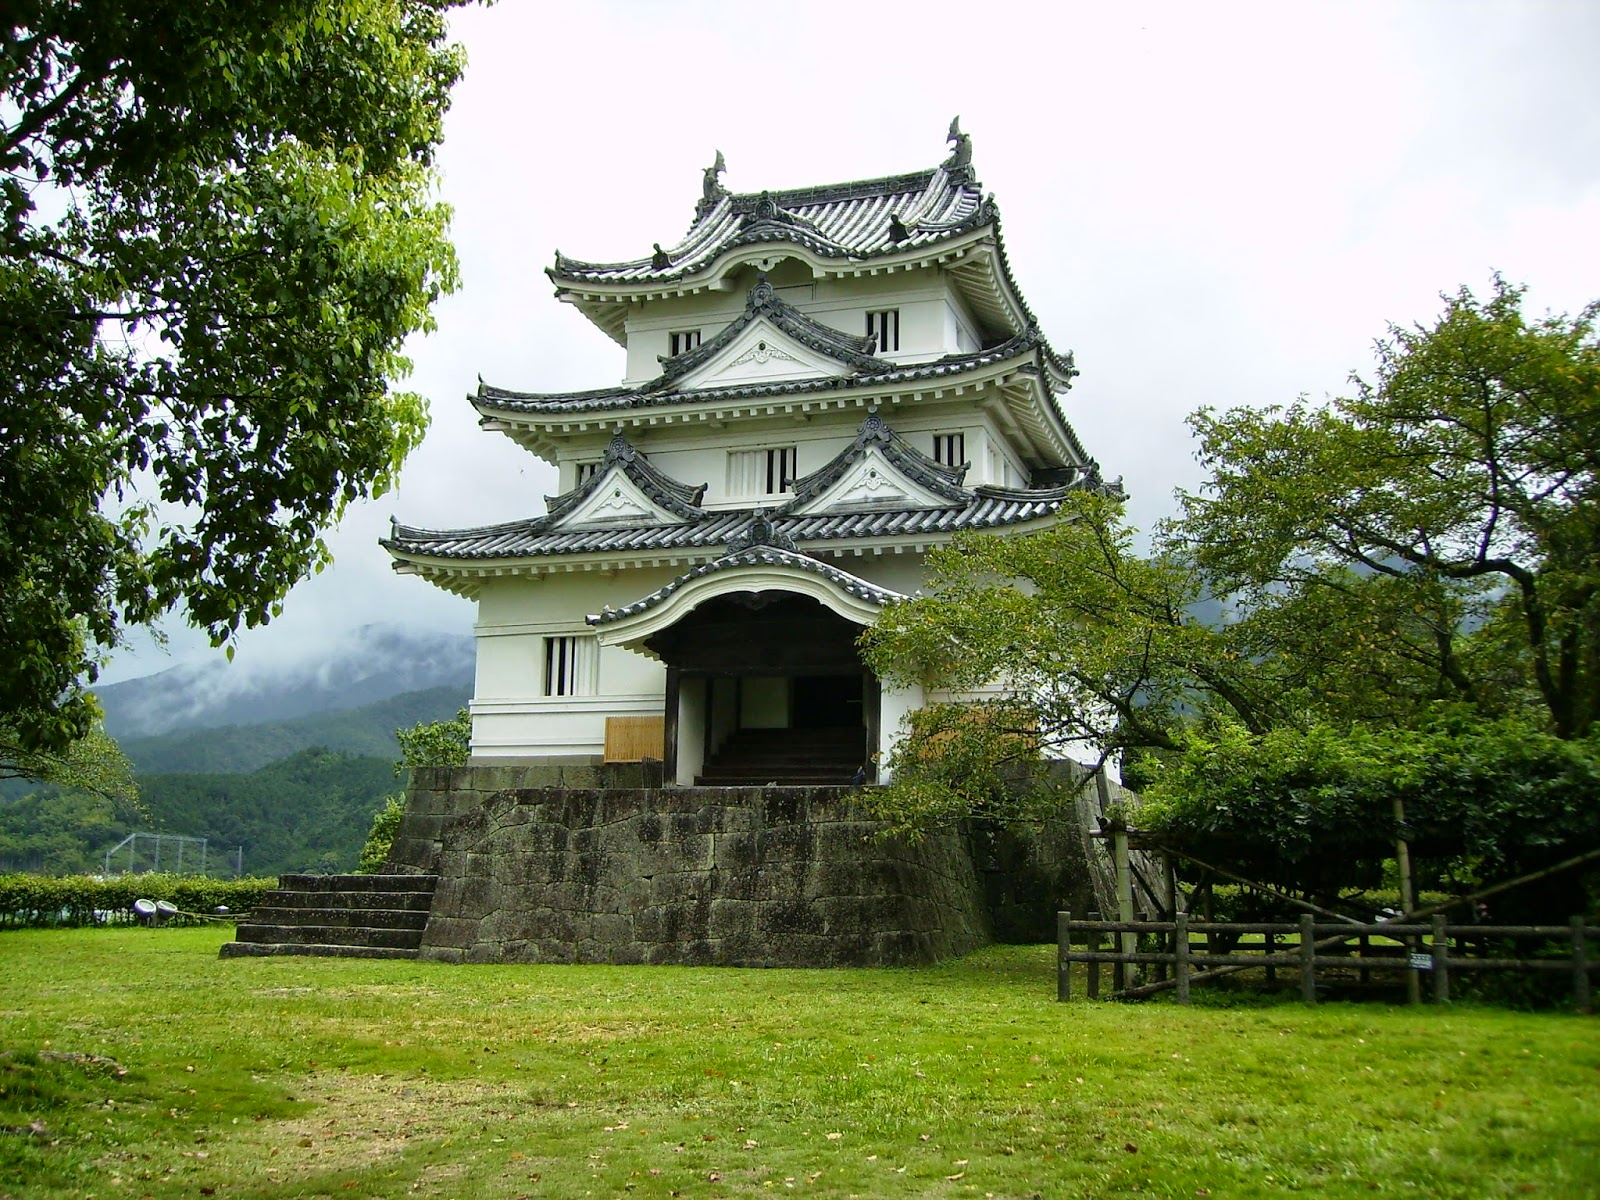 قلعة يواجيما الأثريه في اليابان